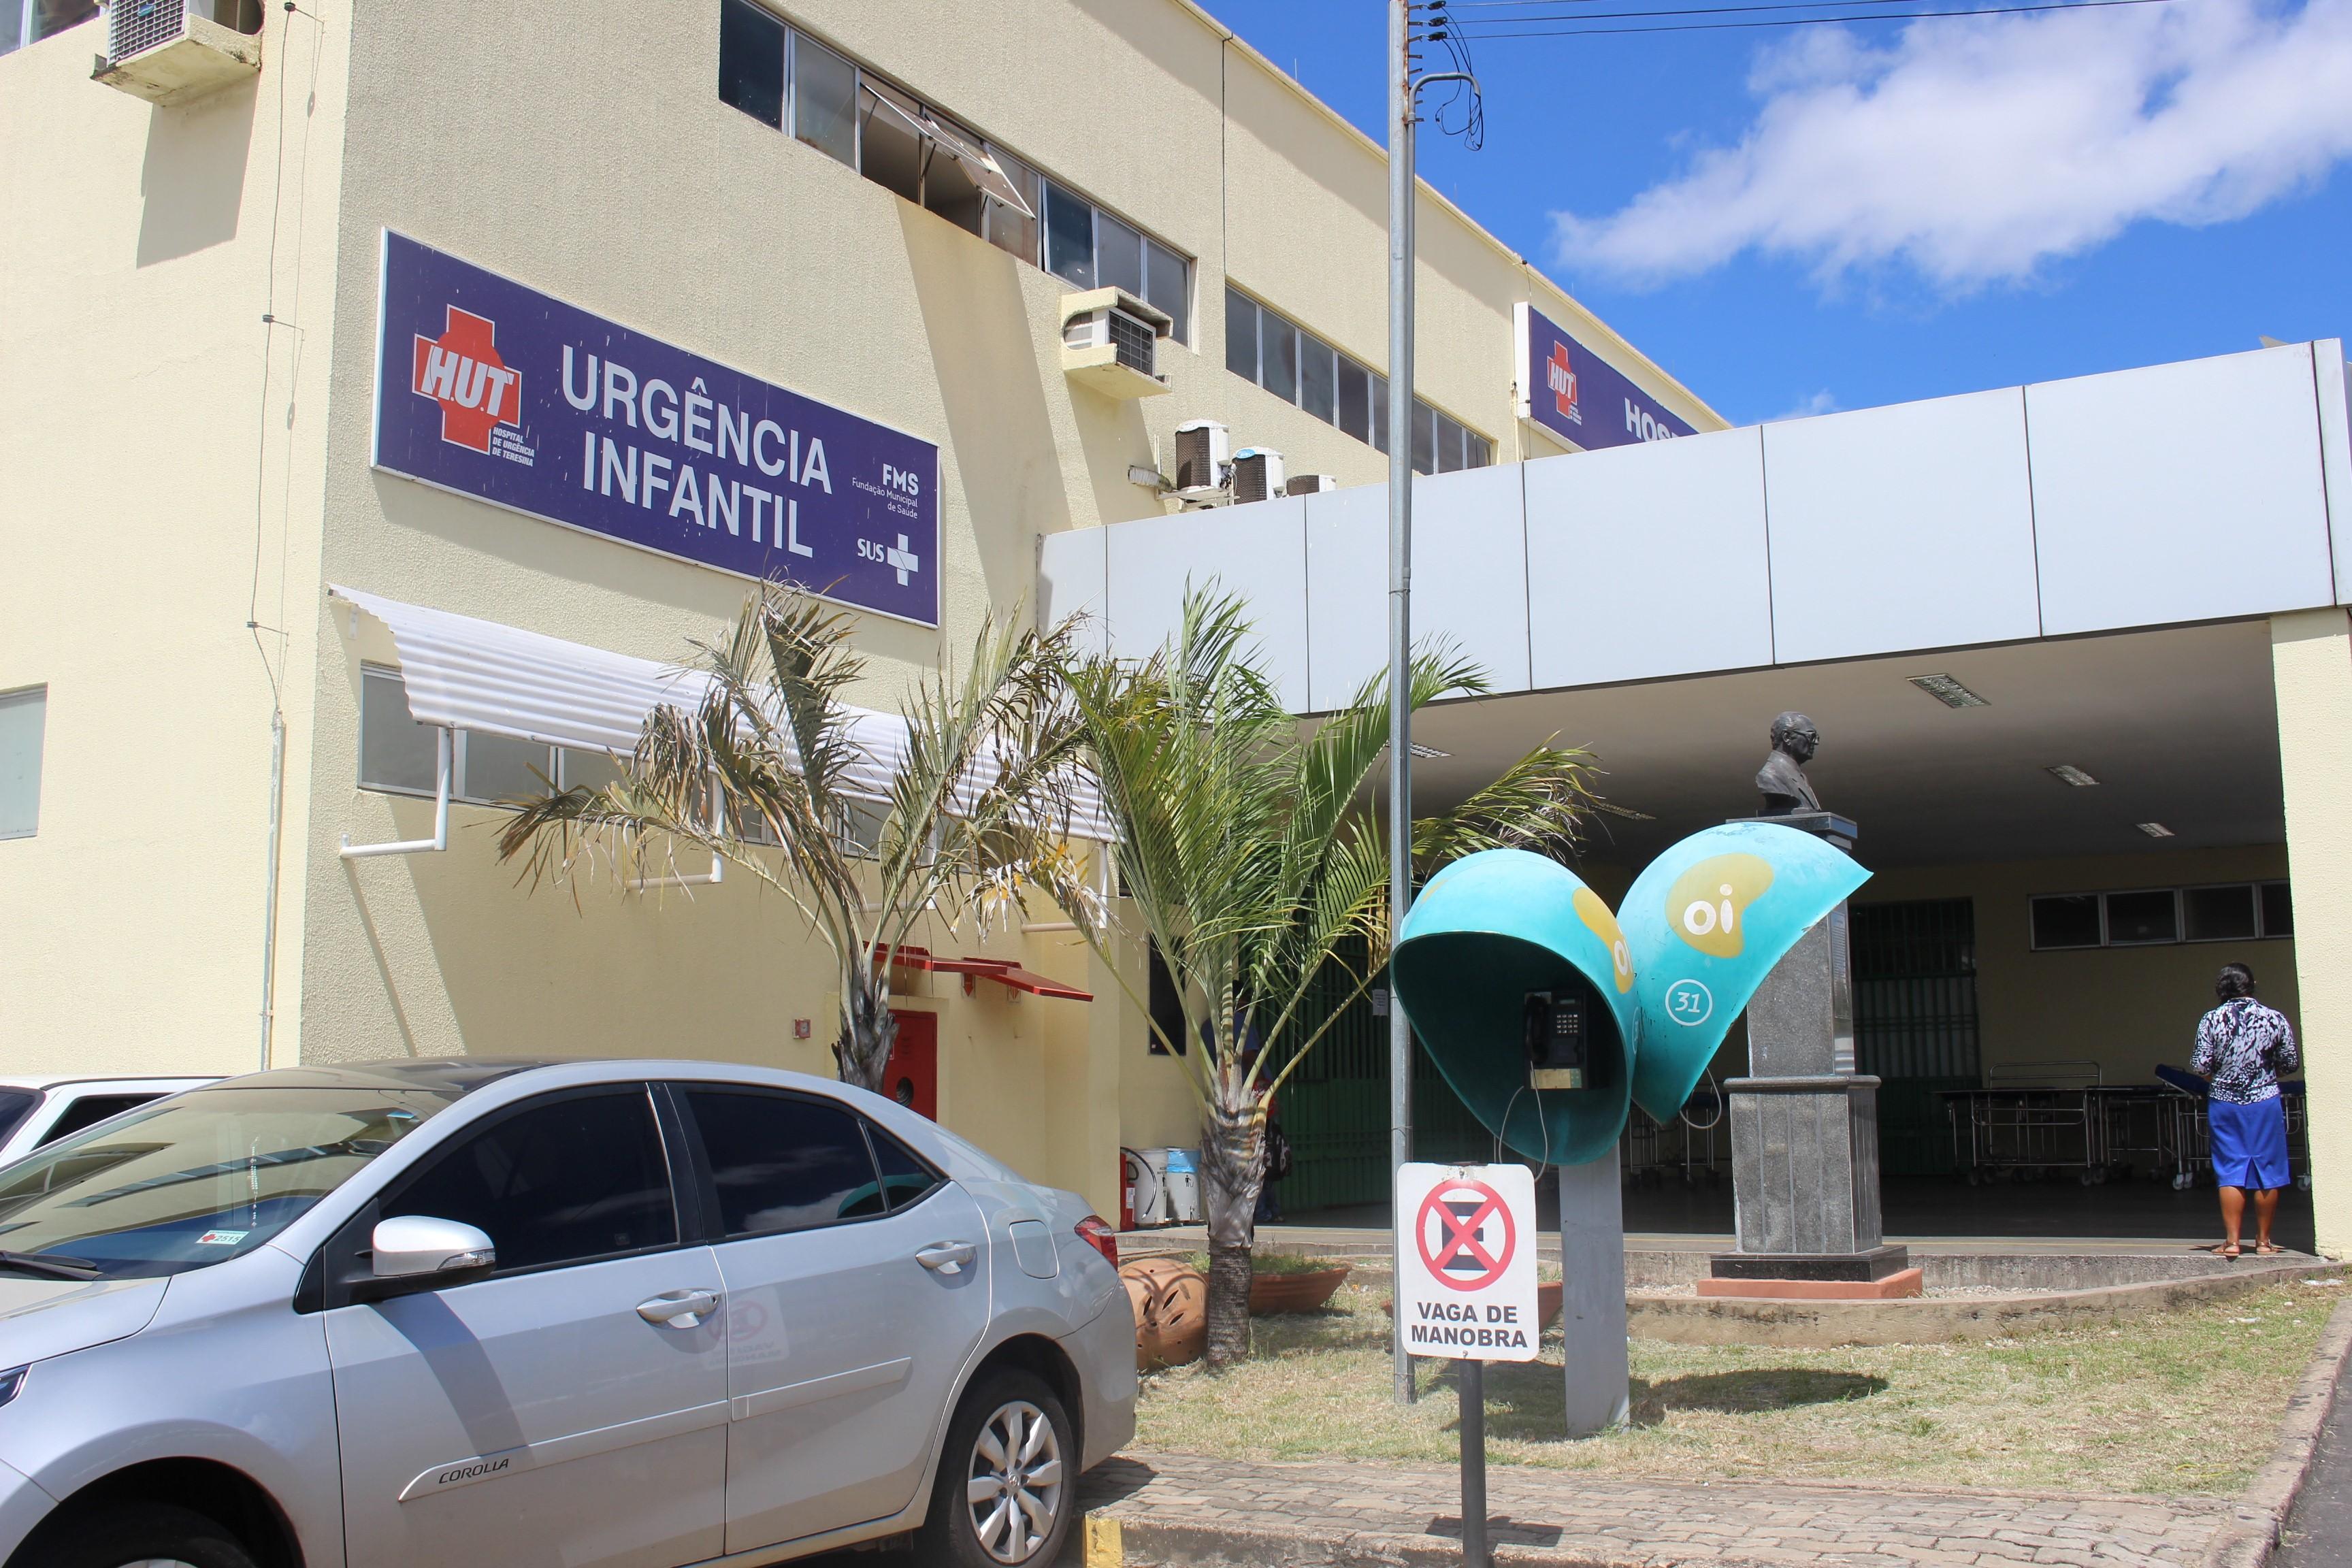 Criança indígena morre após um mês internada no Hospital de Urgência de Teresina; segunda morte em menos de dois meses